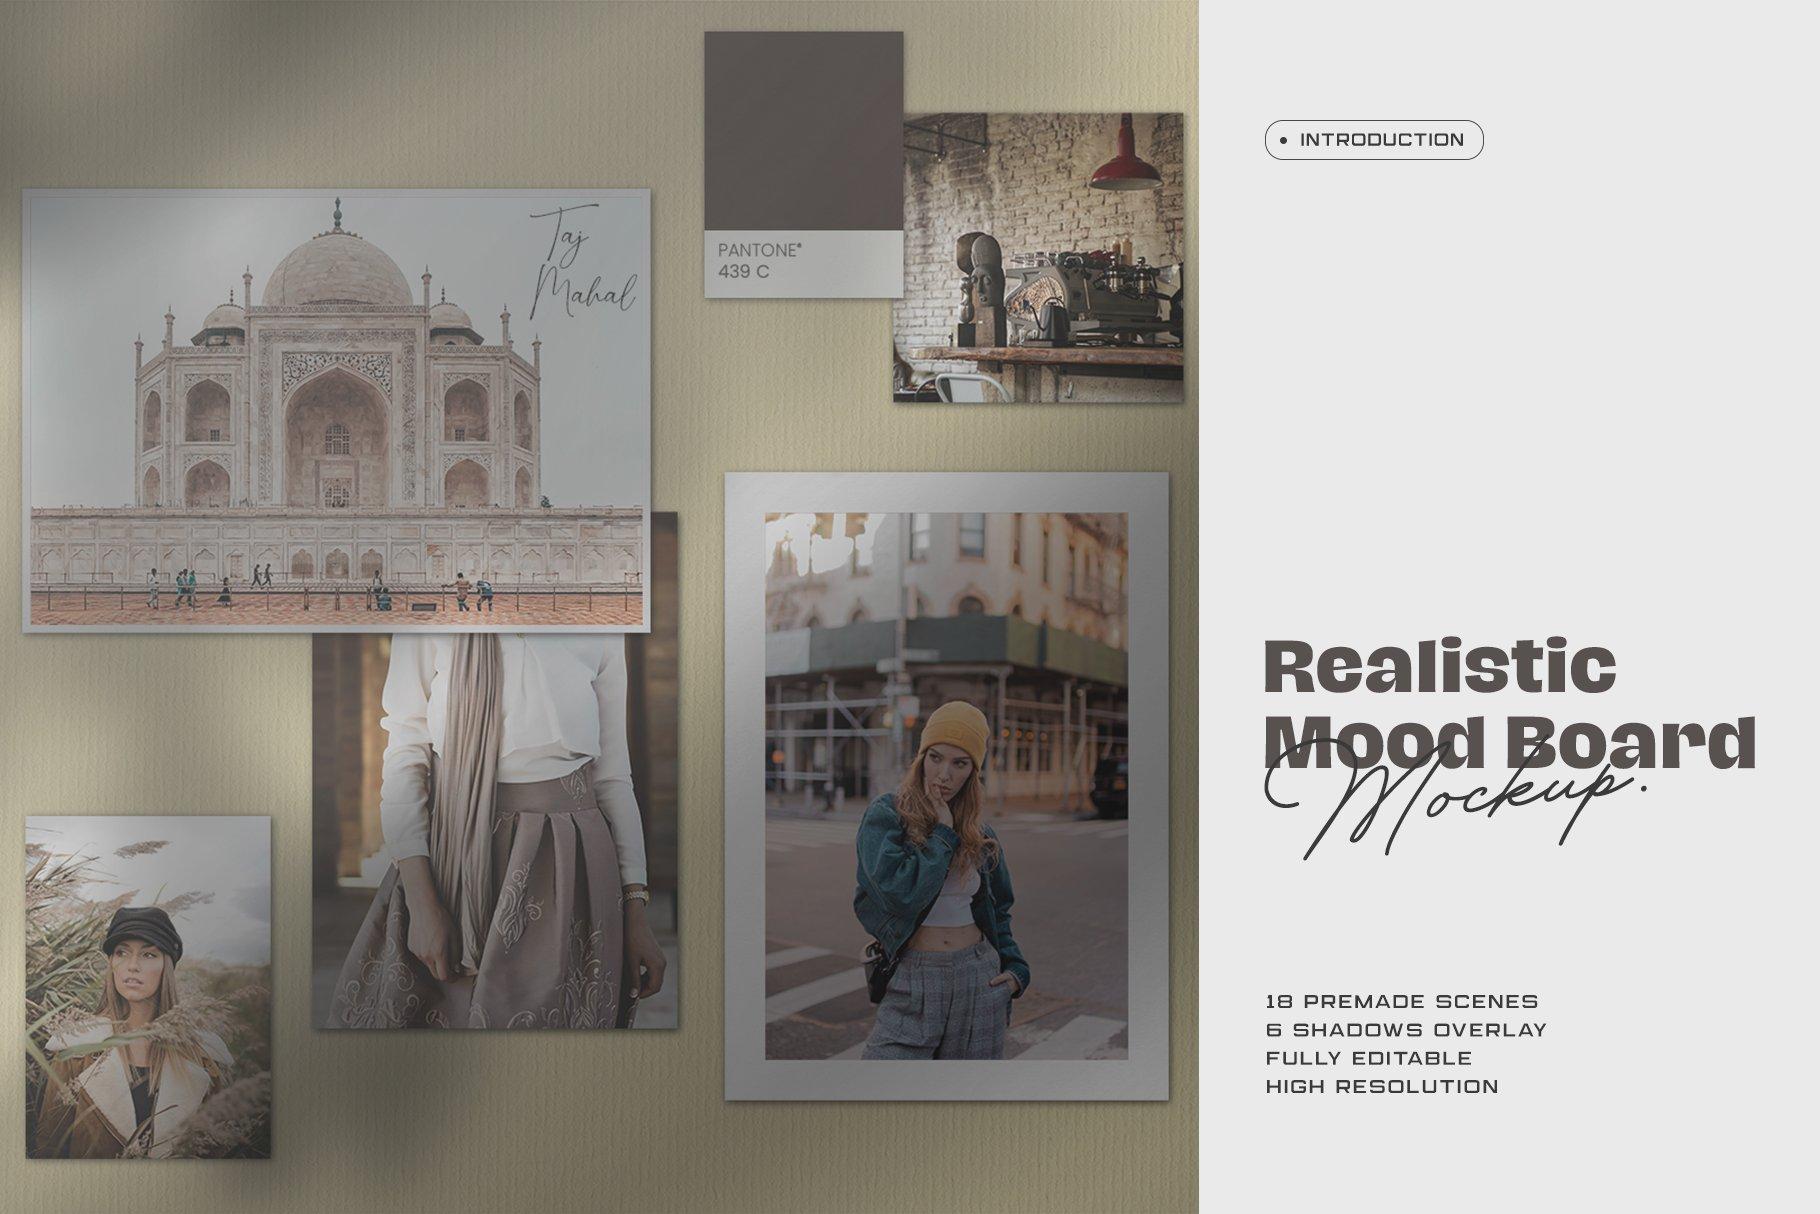 优雅剪贴相片情绪版卡片拼贴设计智能贴图展示样机 Moodboard Mockup Kit插图